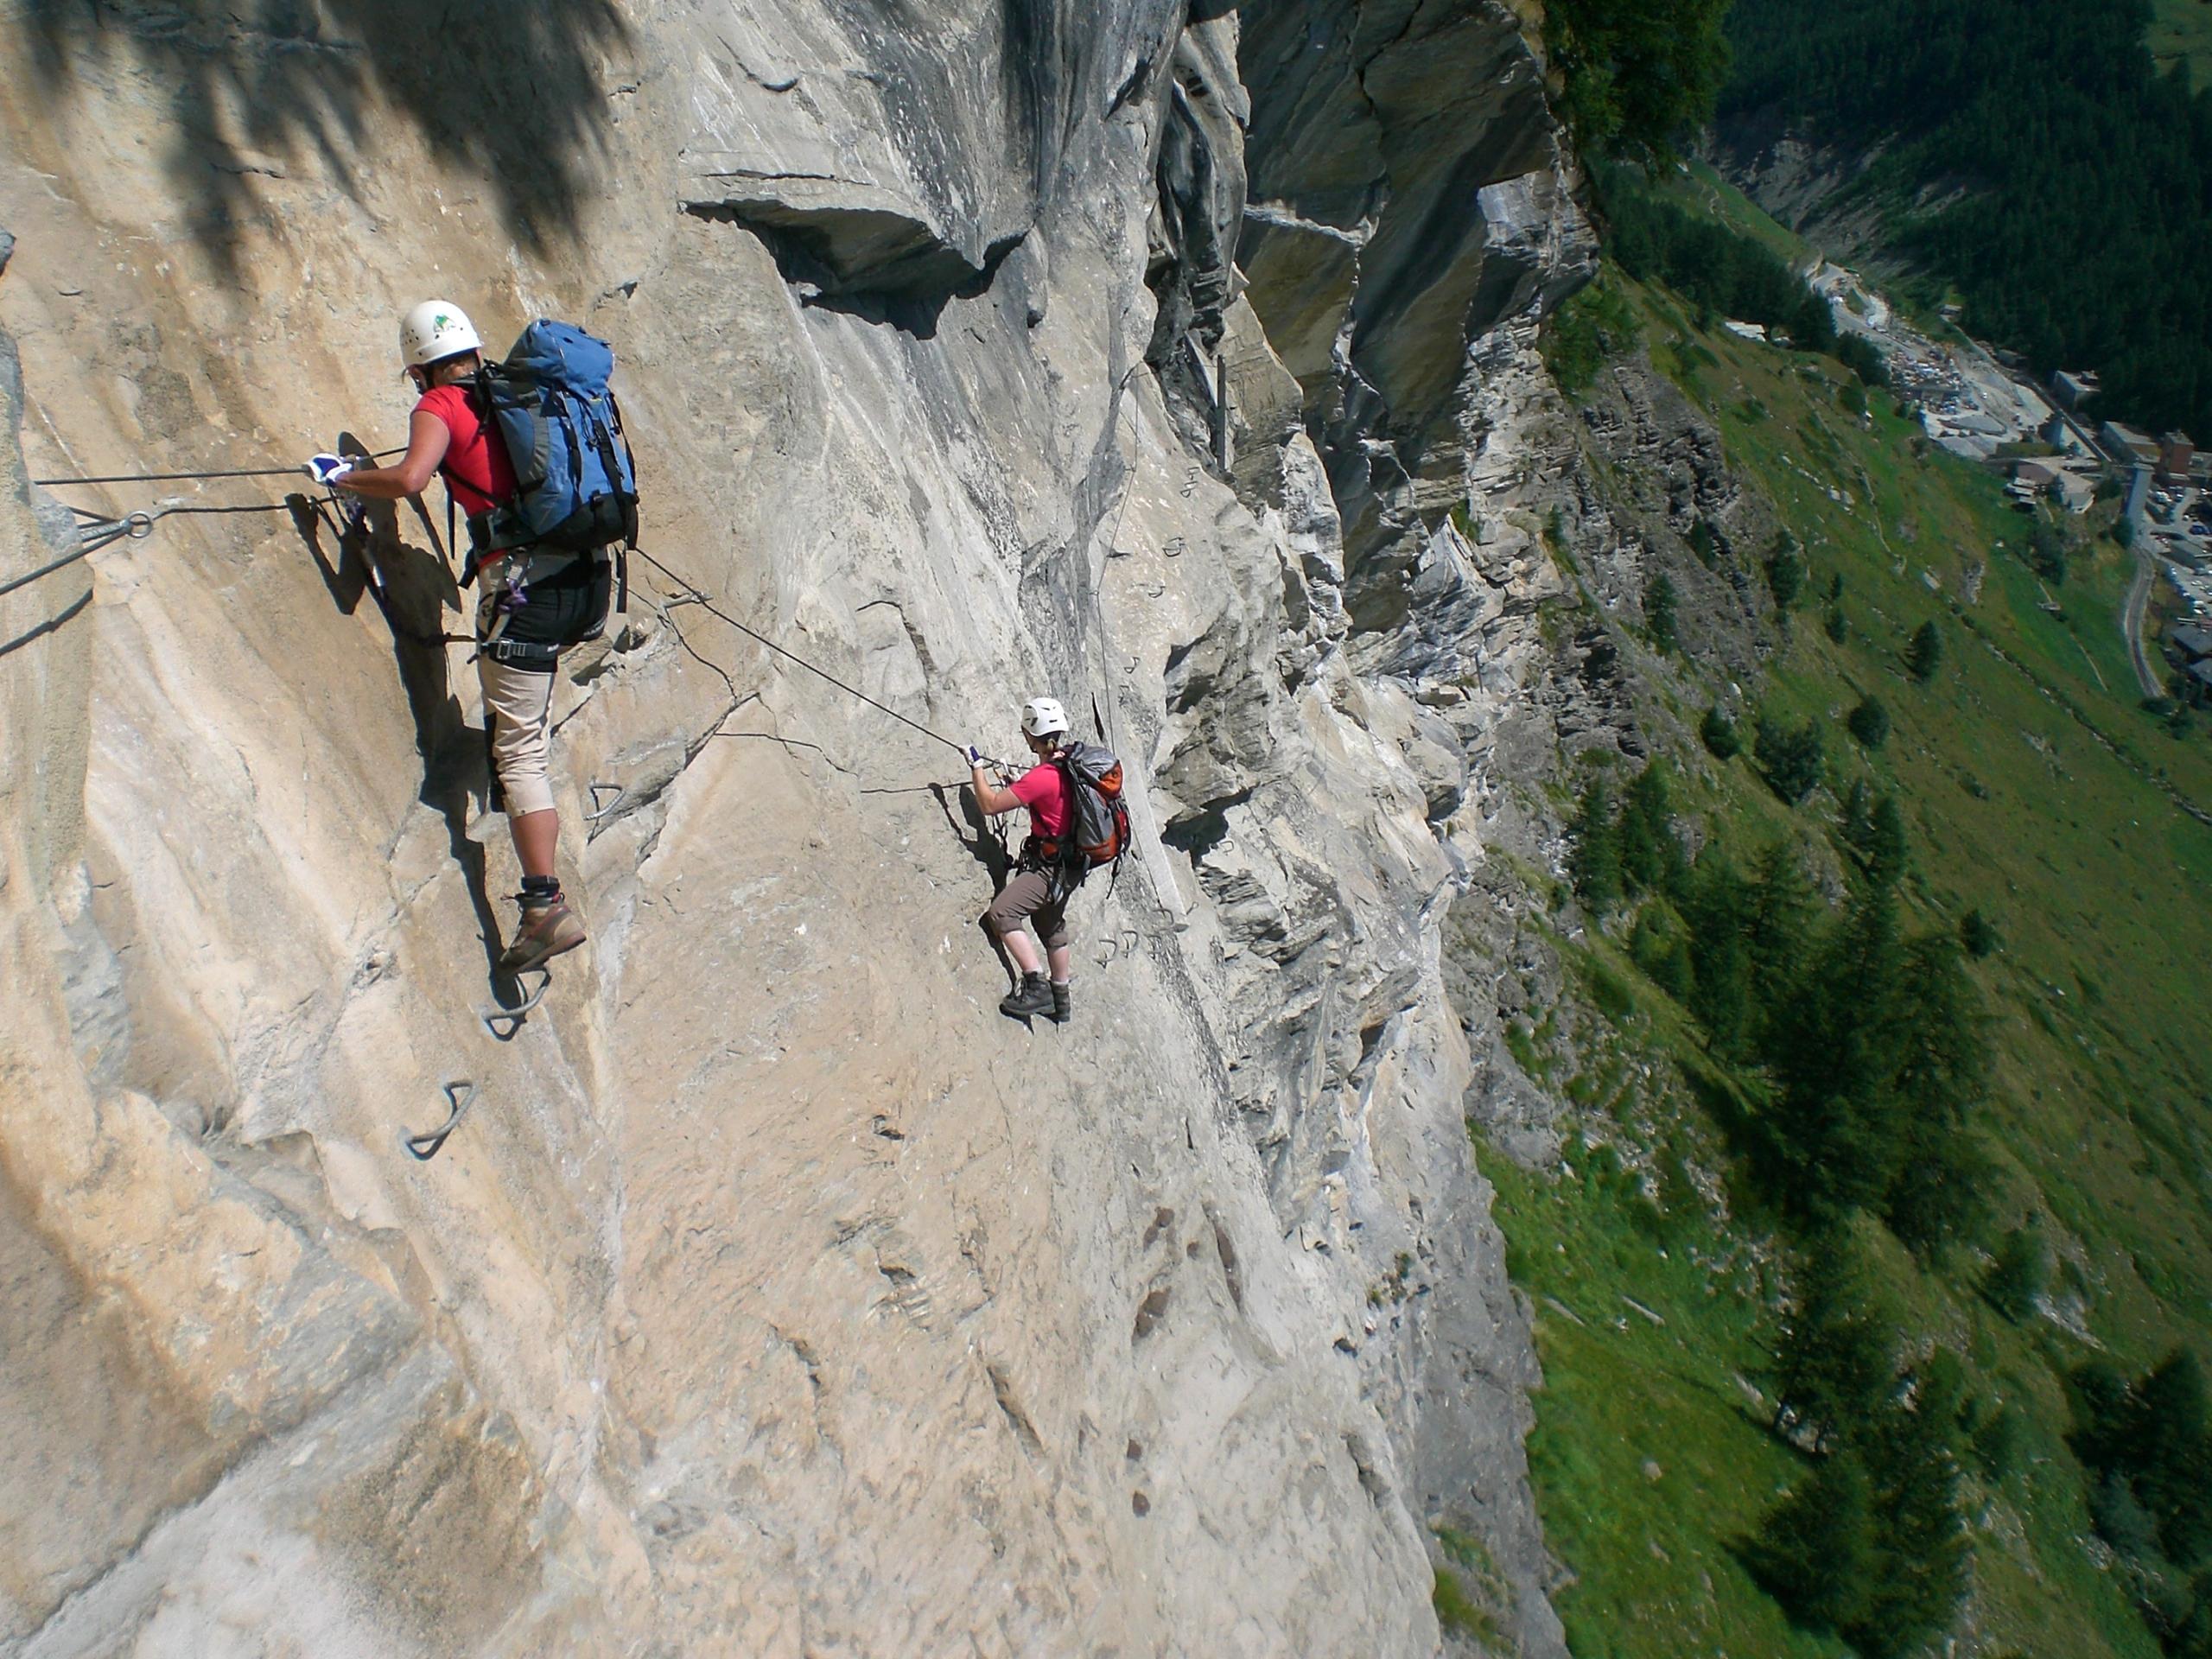 Klettersteigset Mammut : Klettersteig leiter: klettersteige und steige rund um bad hindelang